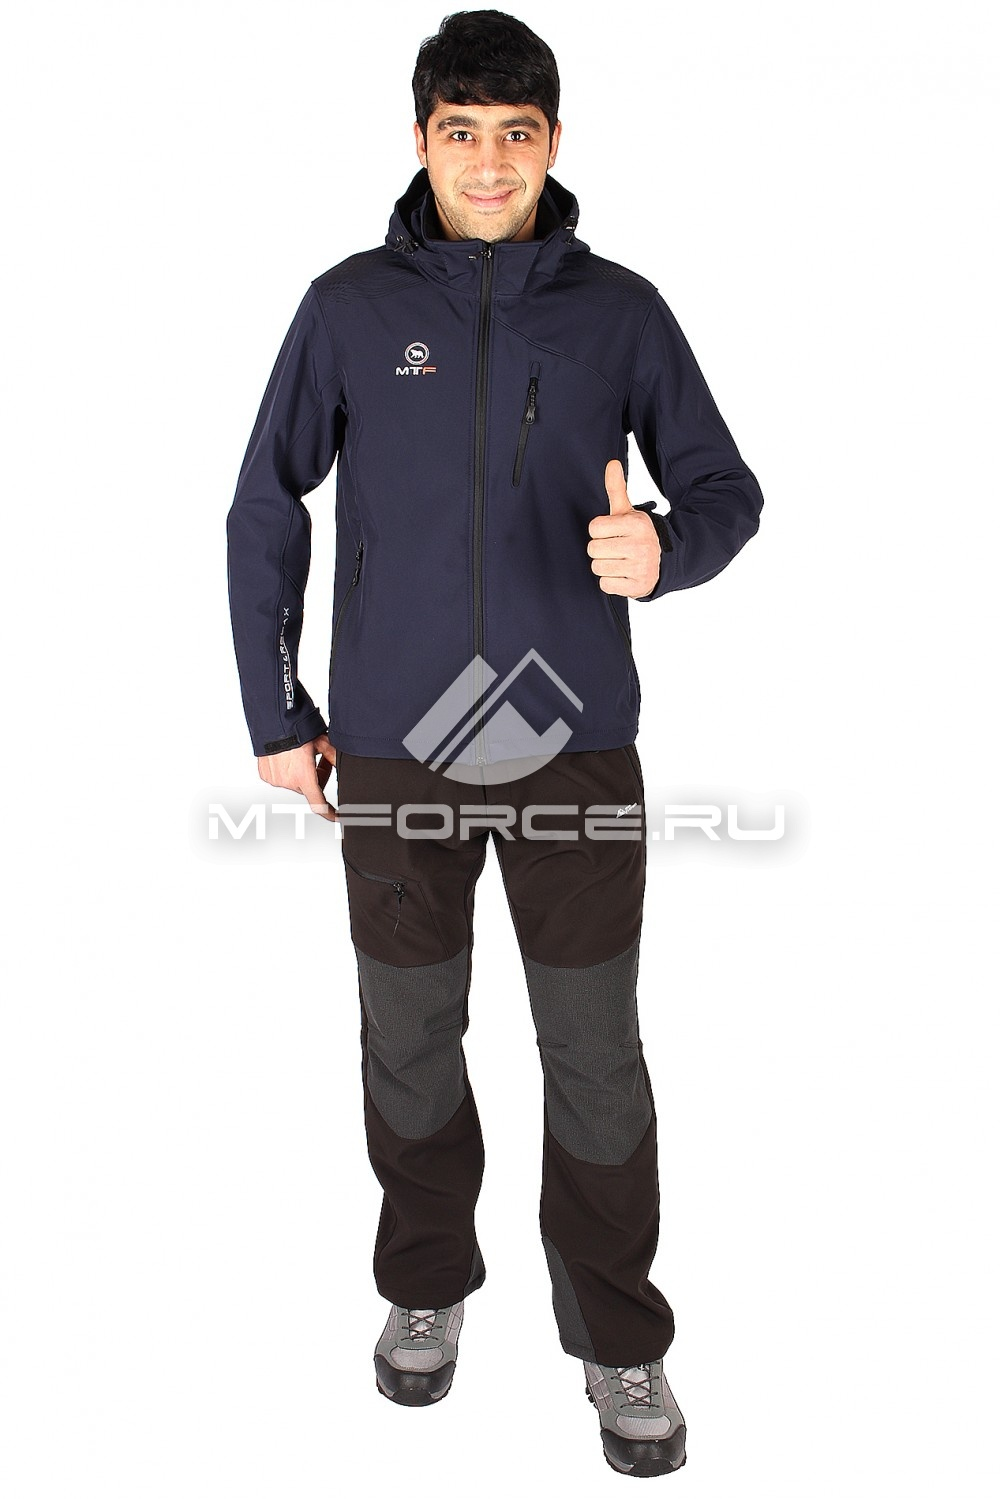 Купить оптом Костюм виндстопер мужской темно-синего цвета  01523TS